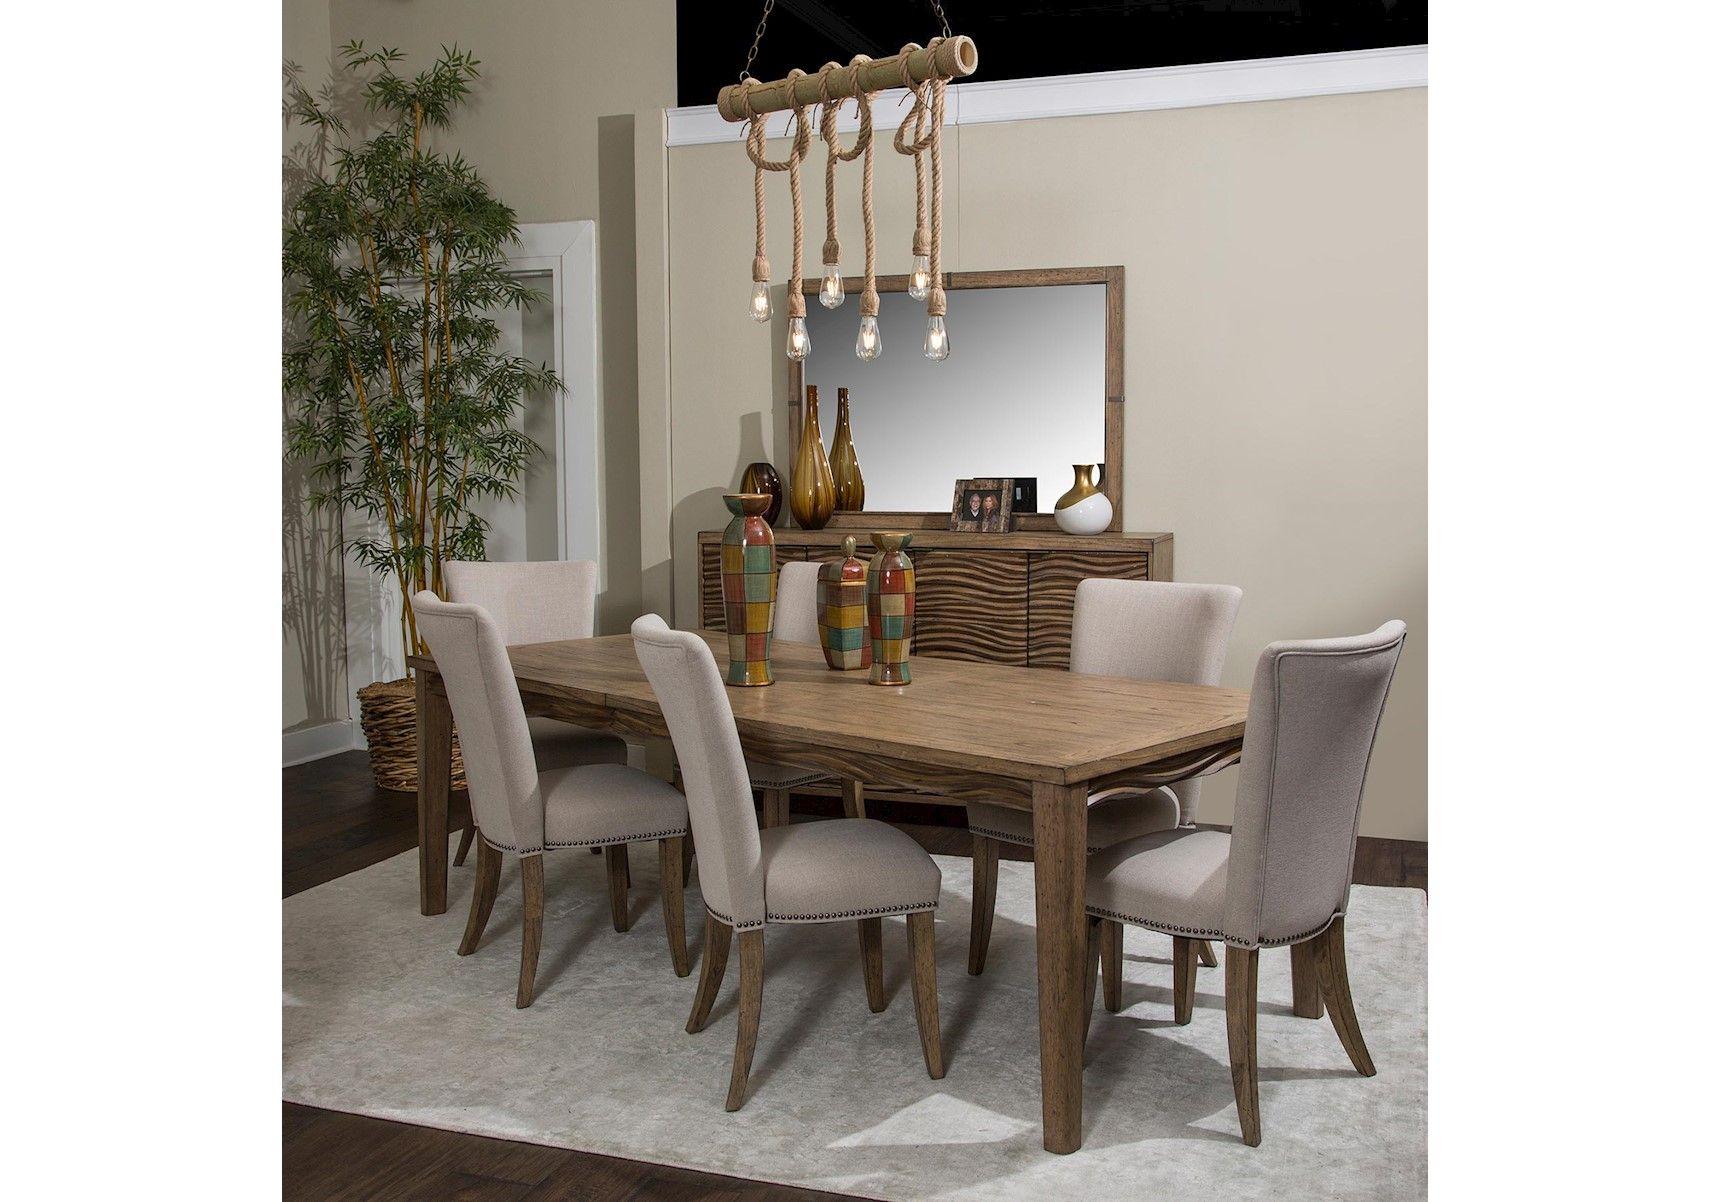 Lacks Del Mar Sound 7 Pc Dining Set Dining Room Sets Aico Dining Room Round Dining Room